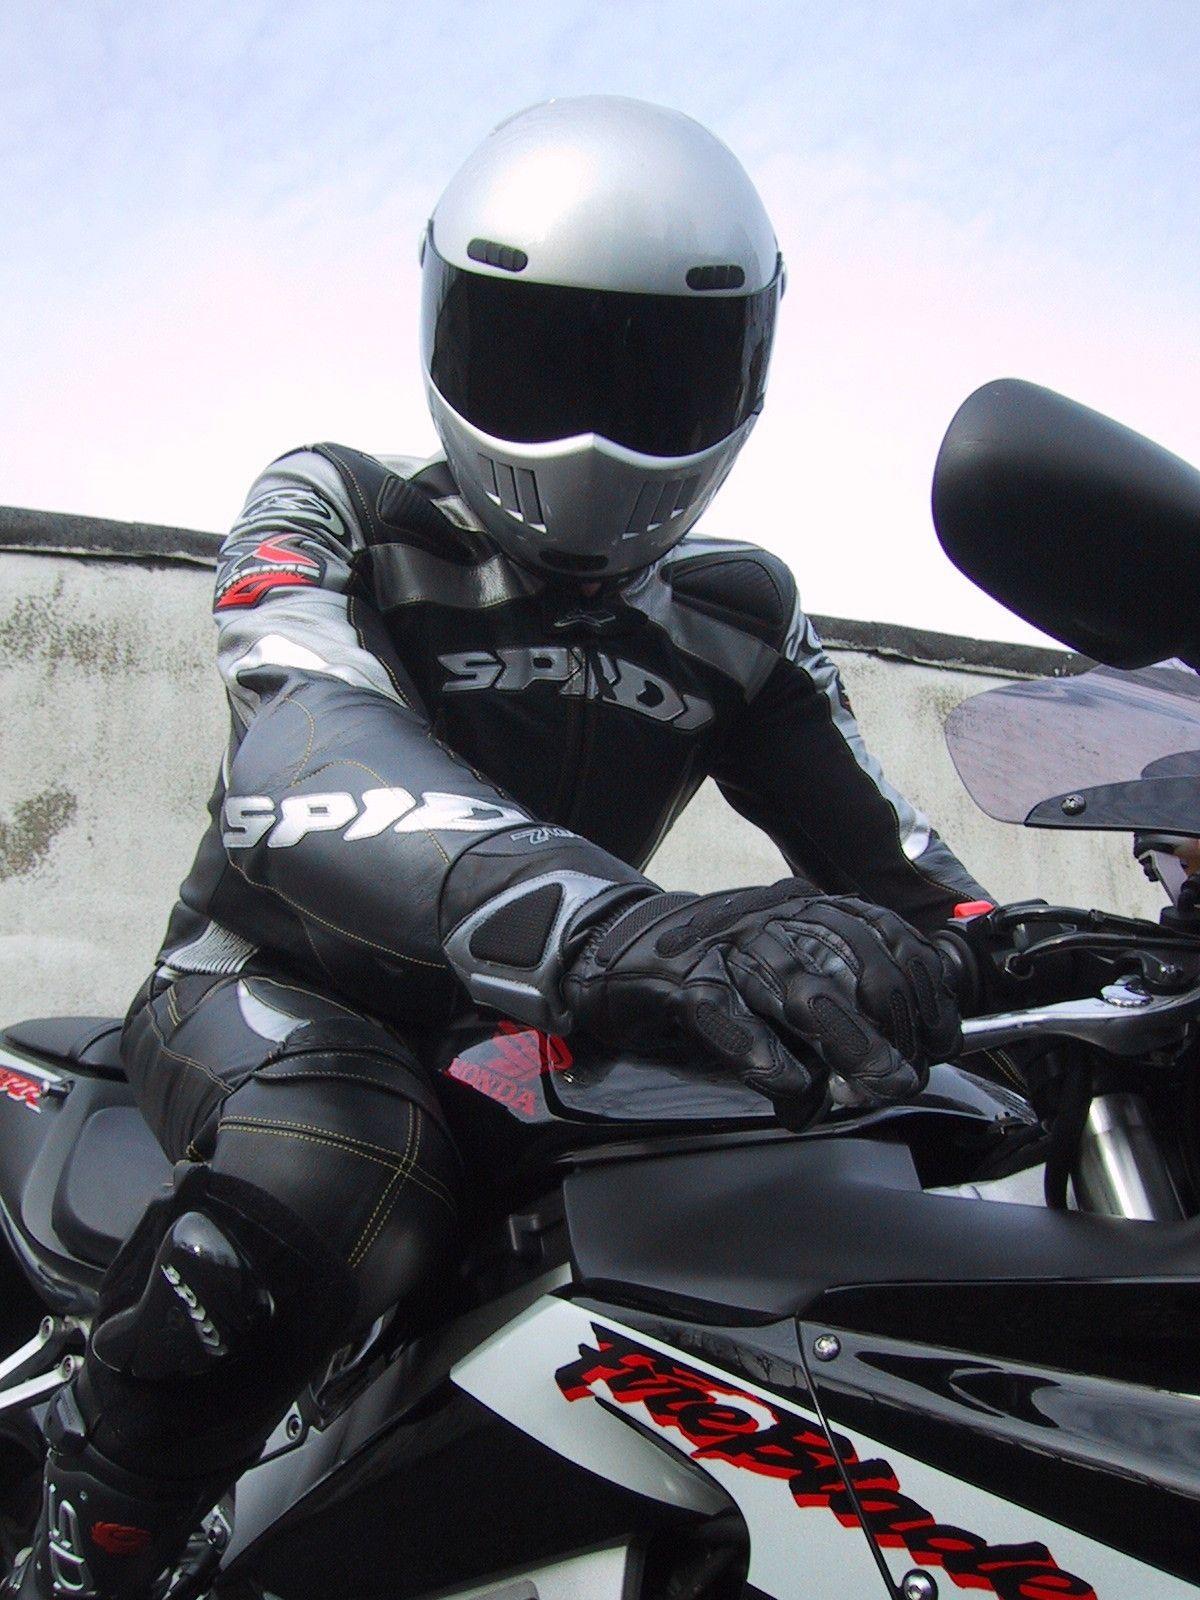 Für Männer (18 +) die auf Gear und Bikes stehen, Findest Du Leder, Biker Leder, Lederkombis, Rubber...